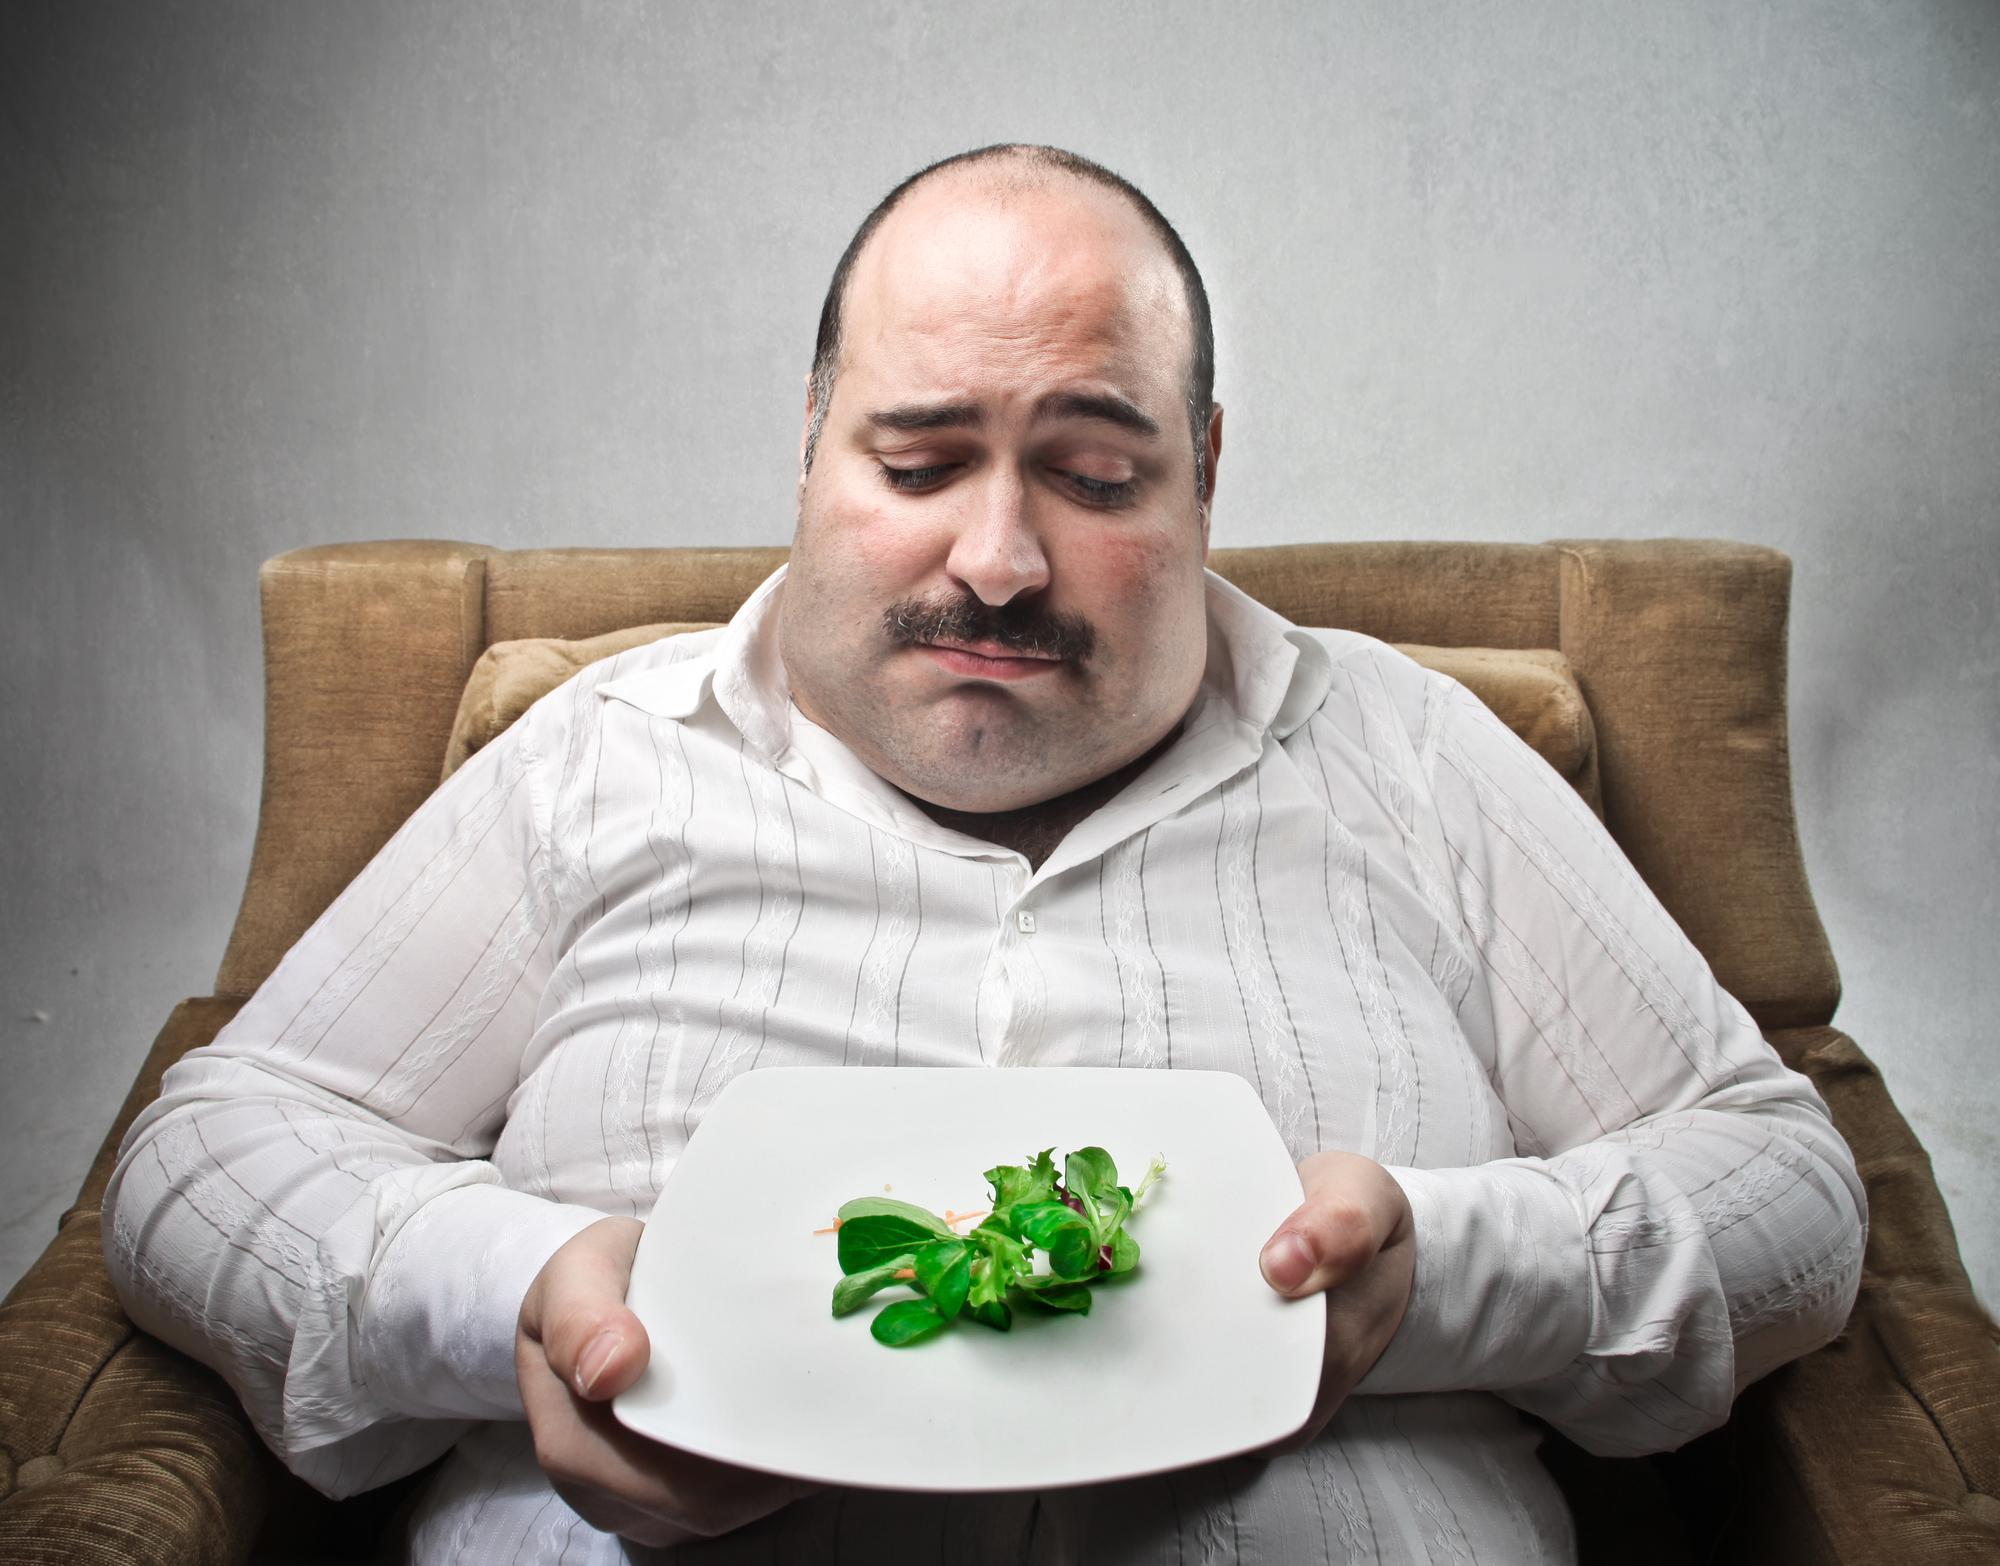 המלצות תזונה לחורף – מה להוסיף וממה להימנע